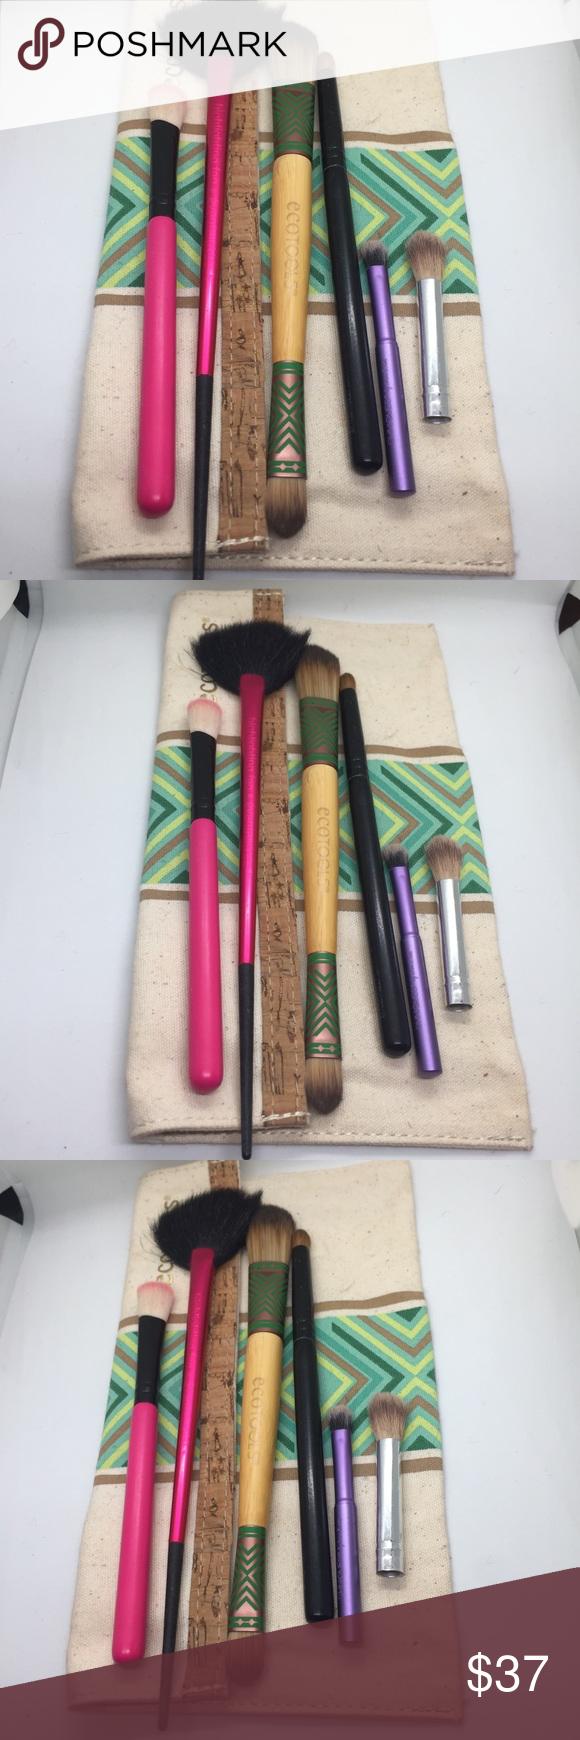 SEPHORA MAKEUP BRUSHES AND BAG fan brush eyeshadow